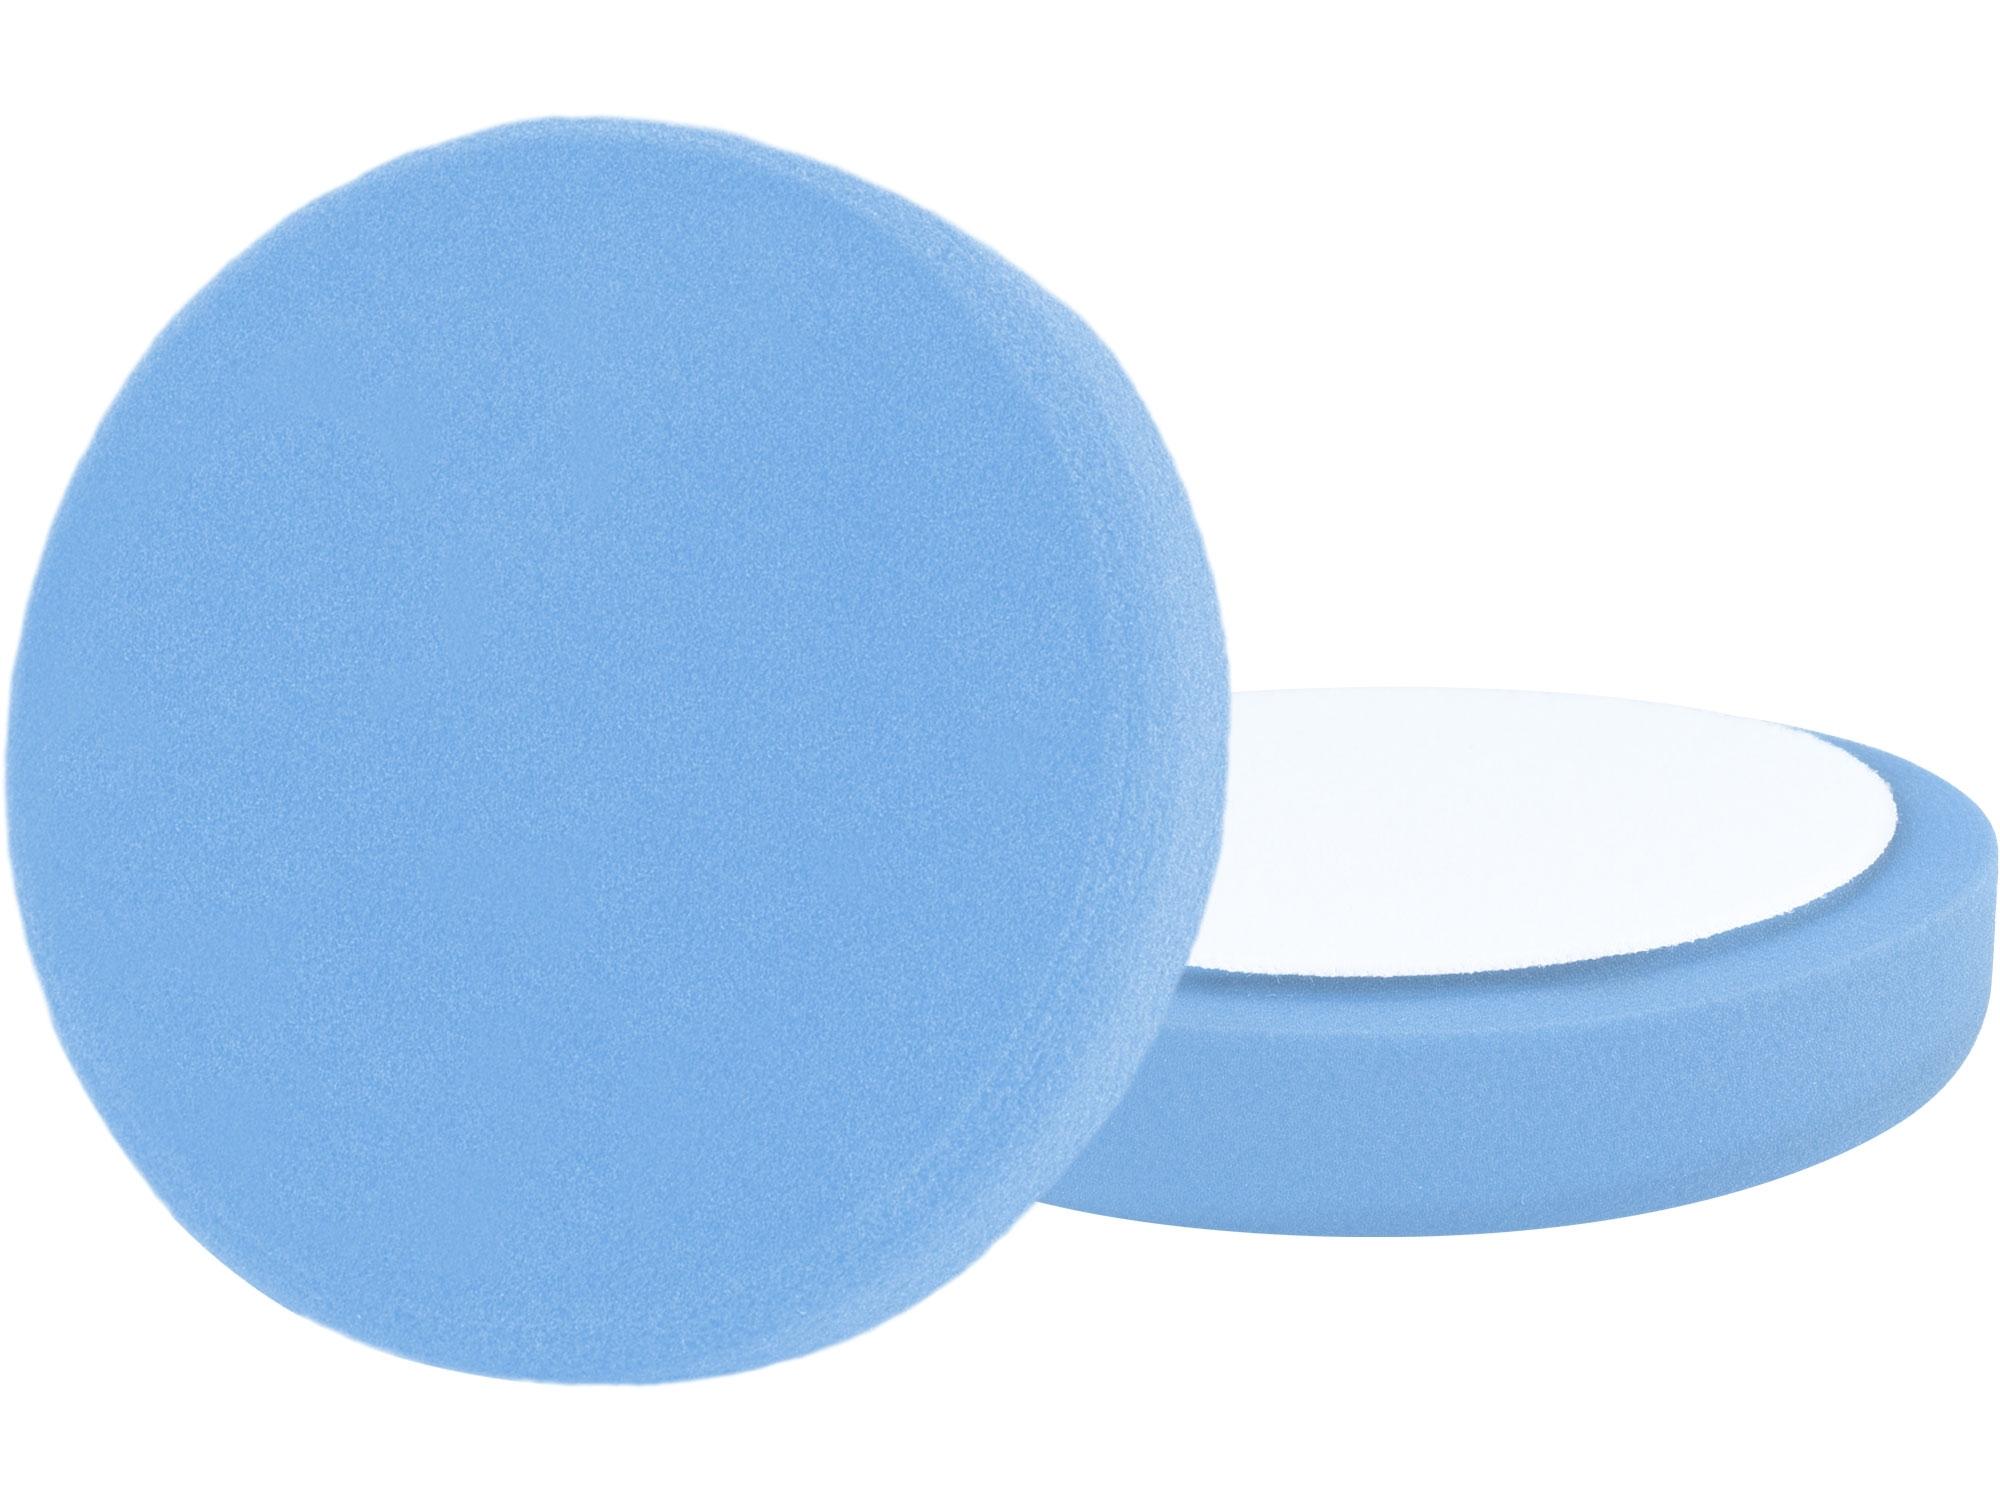 kotouč leštící pěnový, T60, modrý, O200x30mm, suchý zip O180mm